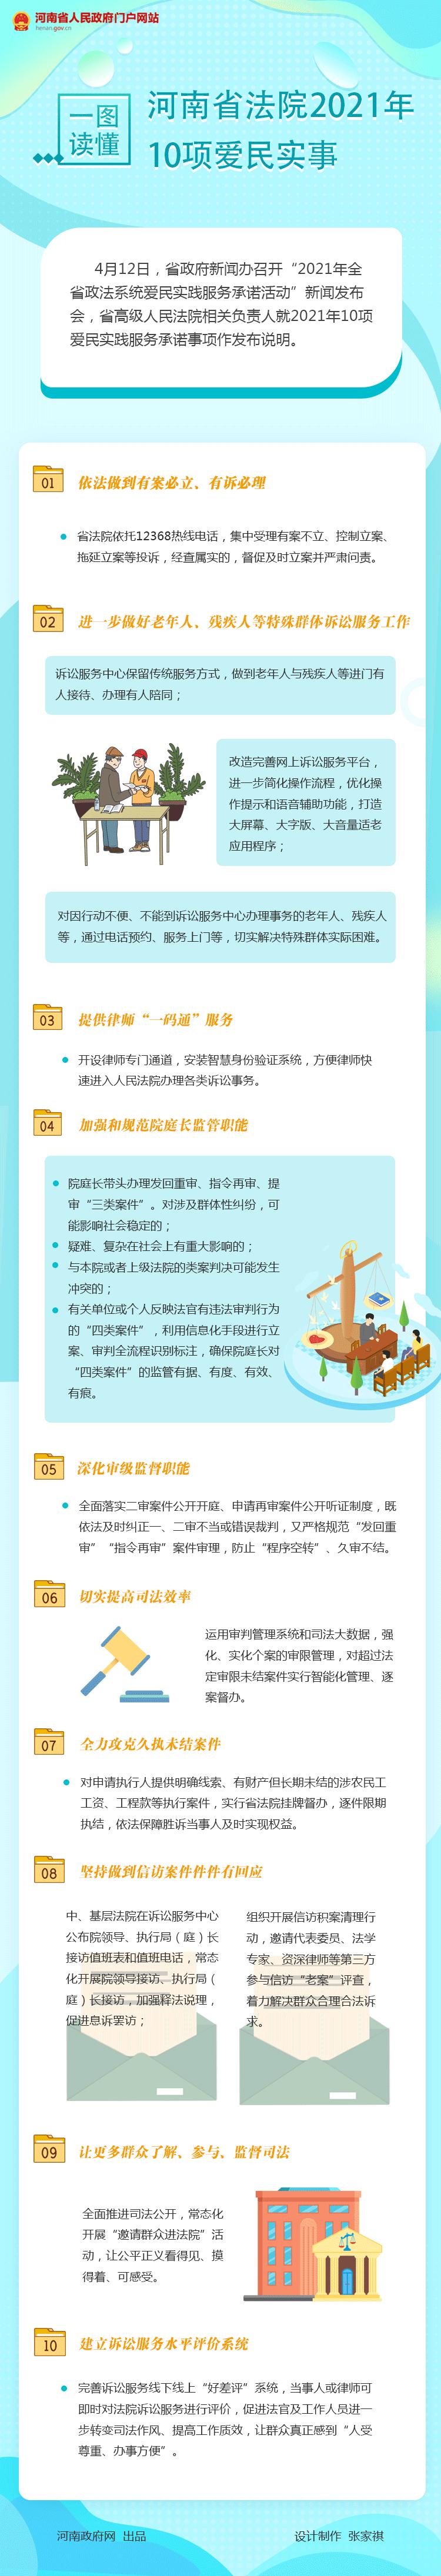 一图读懂丨河南省法院2021年10项爱民实事